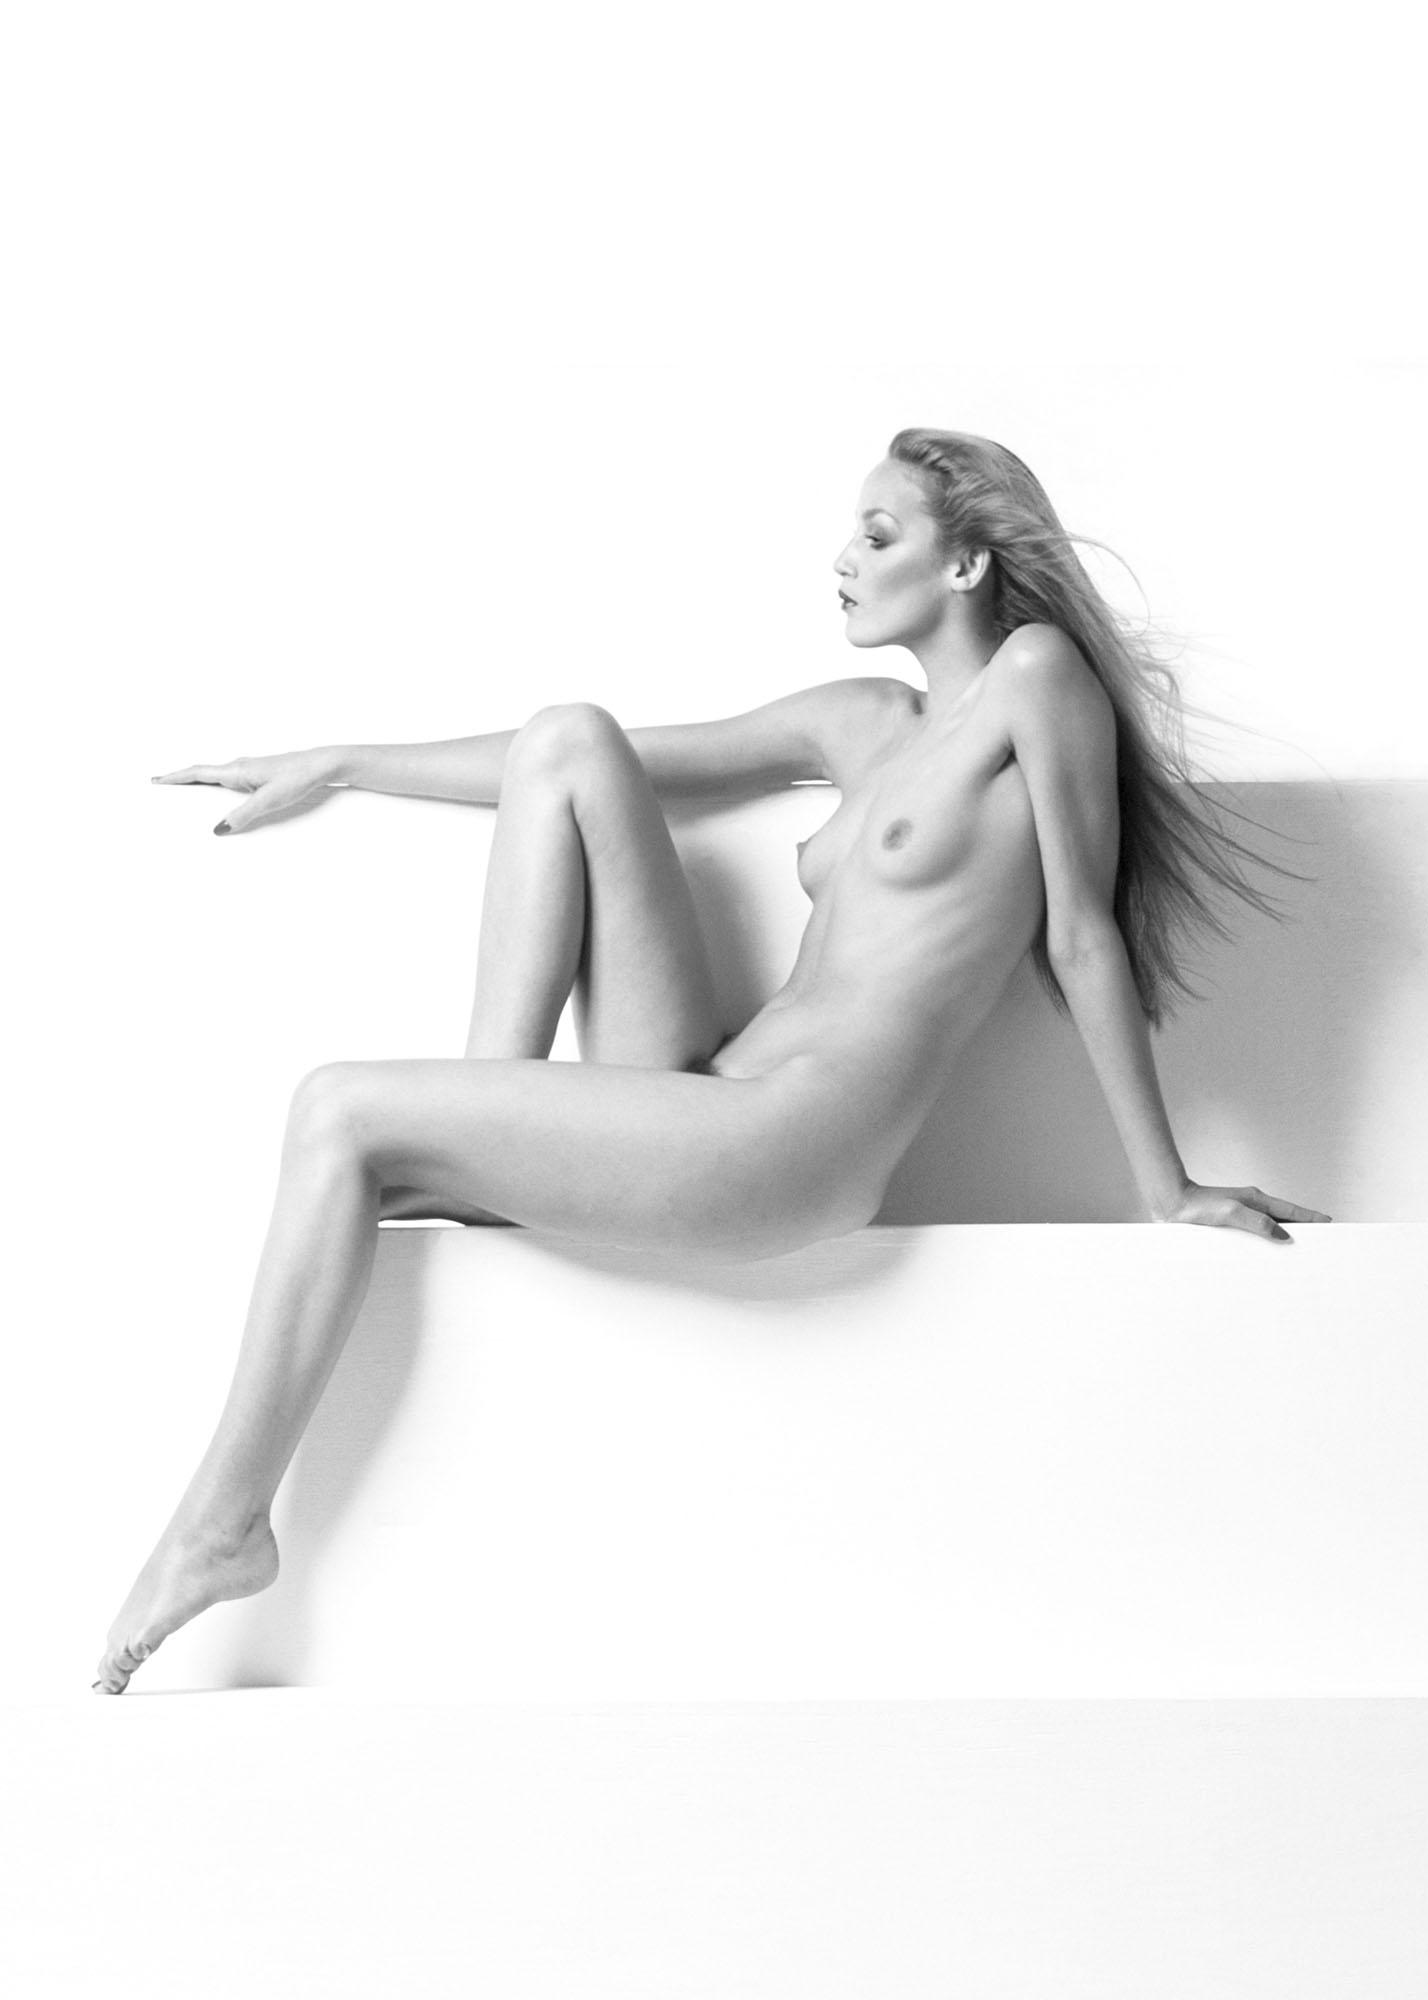 naked women wrestling league